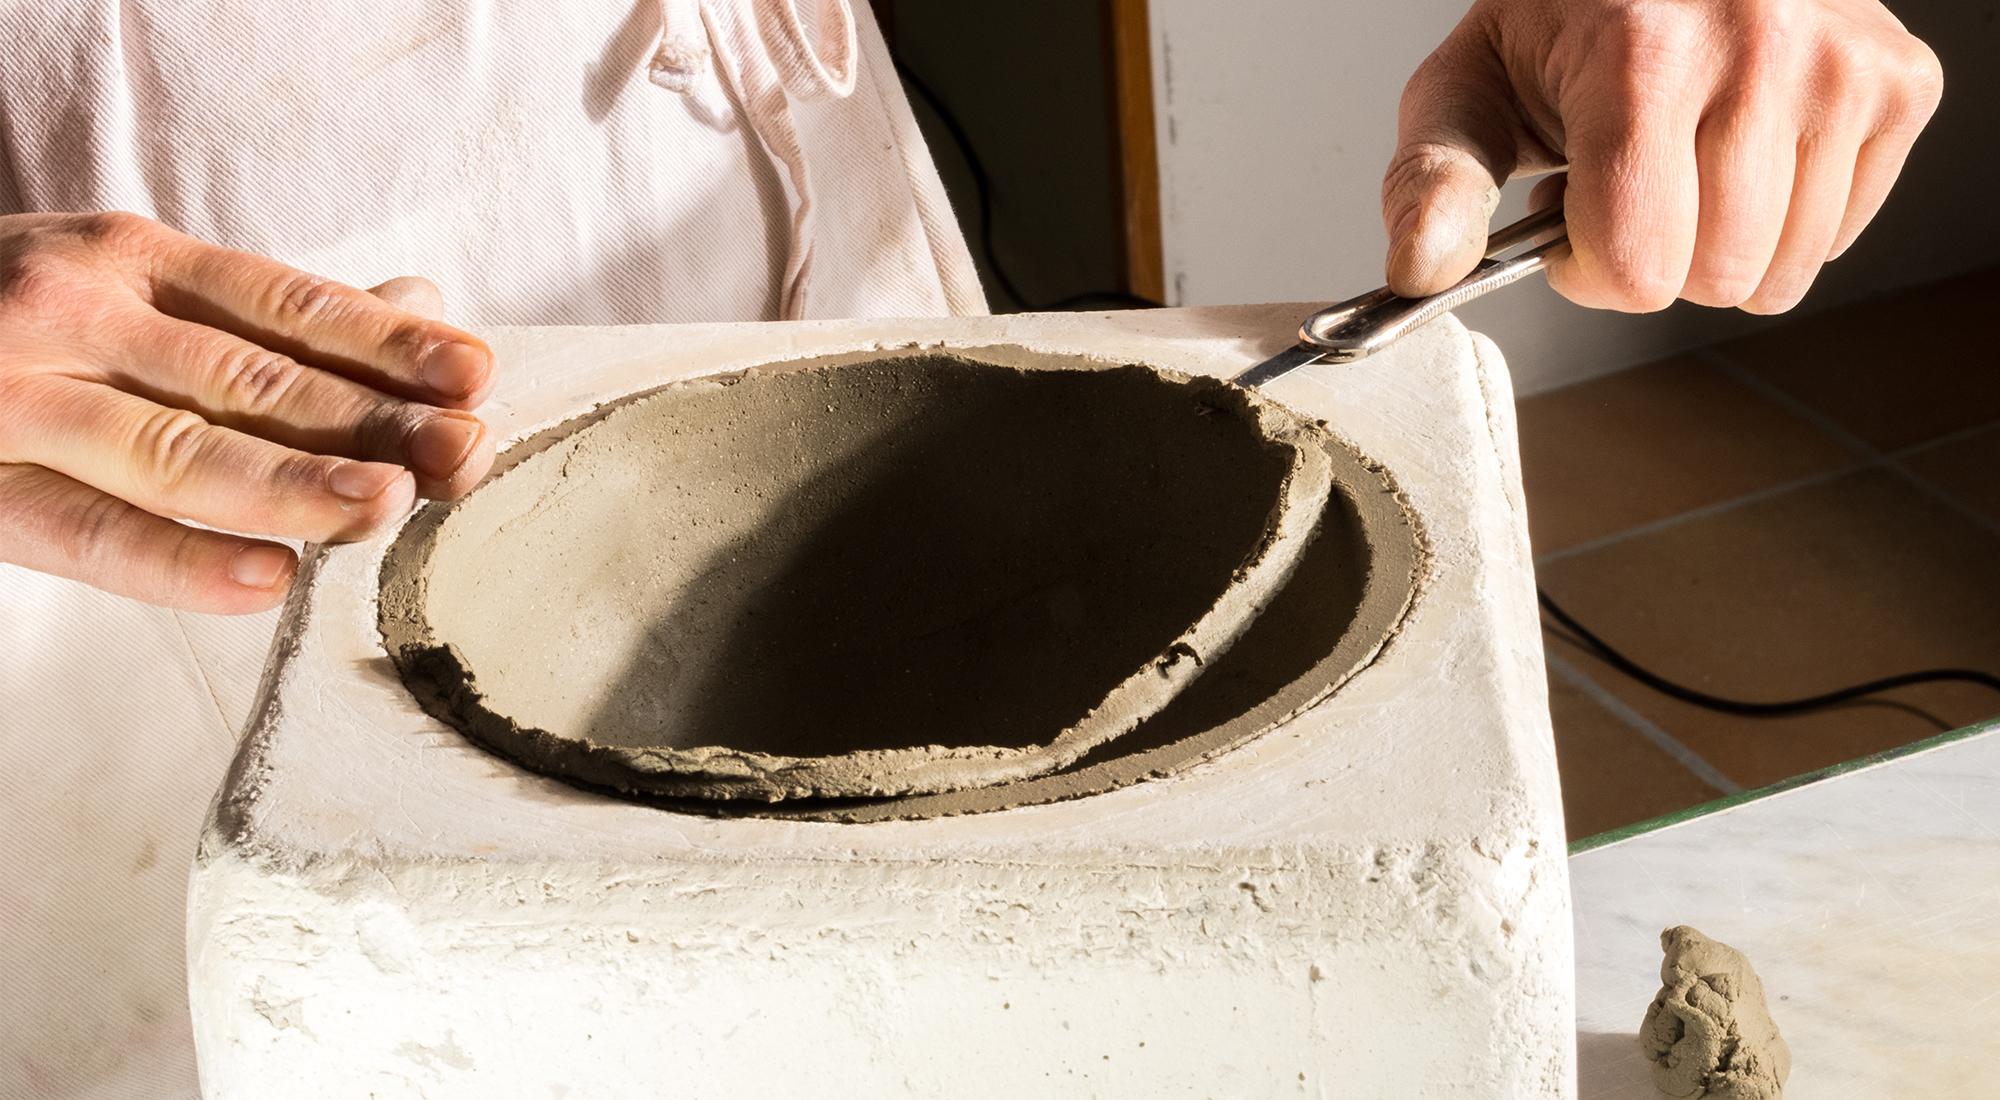 greta filippini oca ceramica artistica ferrara scultura lavorazioni